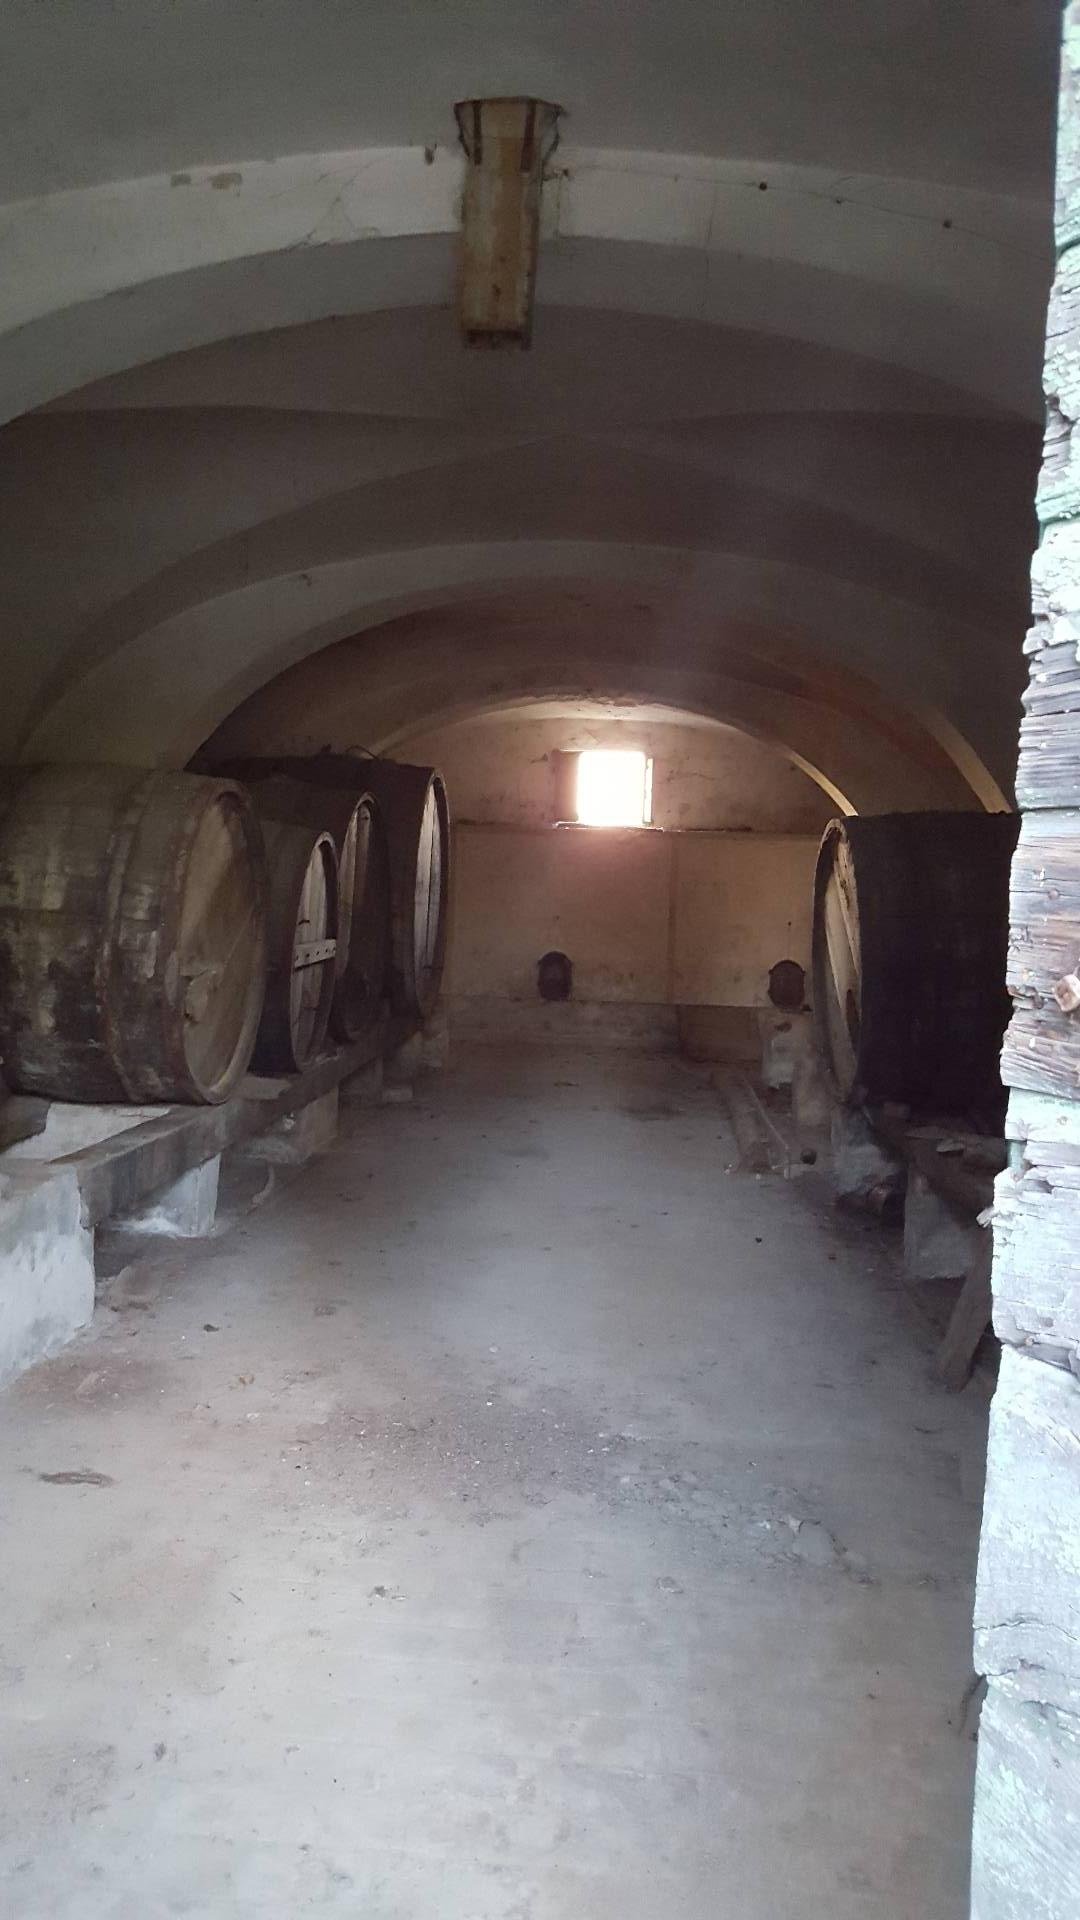 Rustico / Casale in vendita a Santa Maria a Monte, 10 locali, zona Località: SanDonato, prezzo € 200.000 | CambioCasa.it